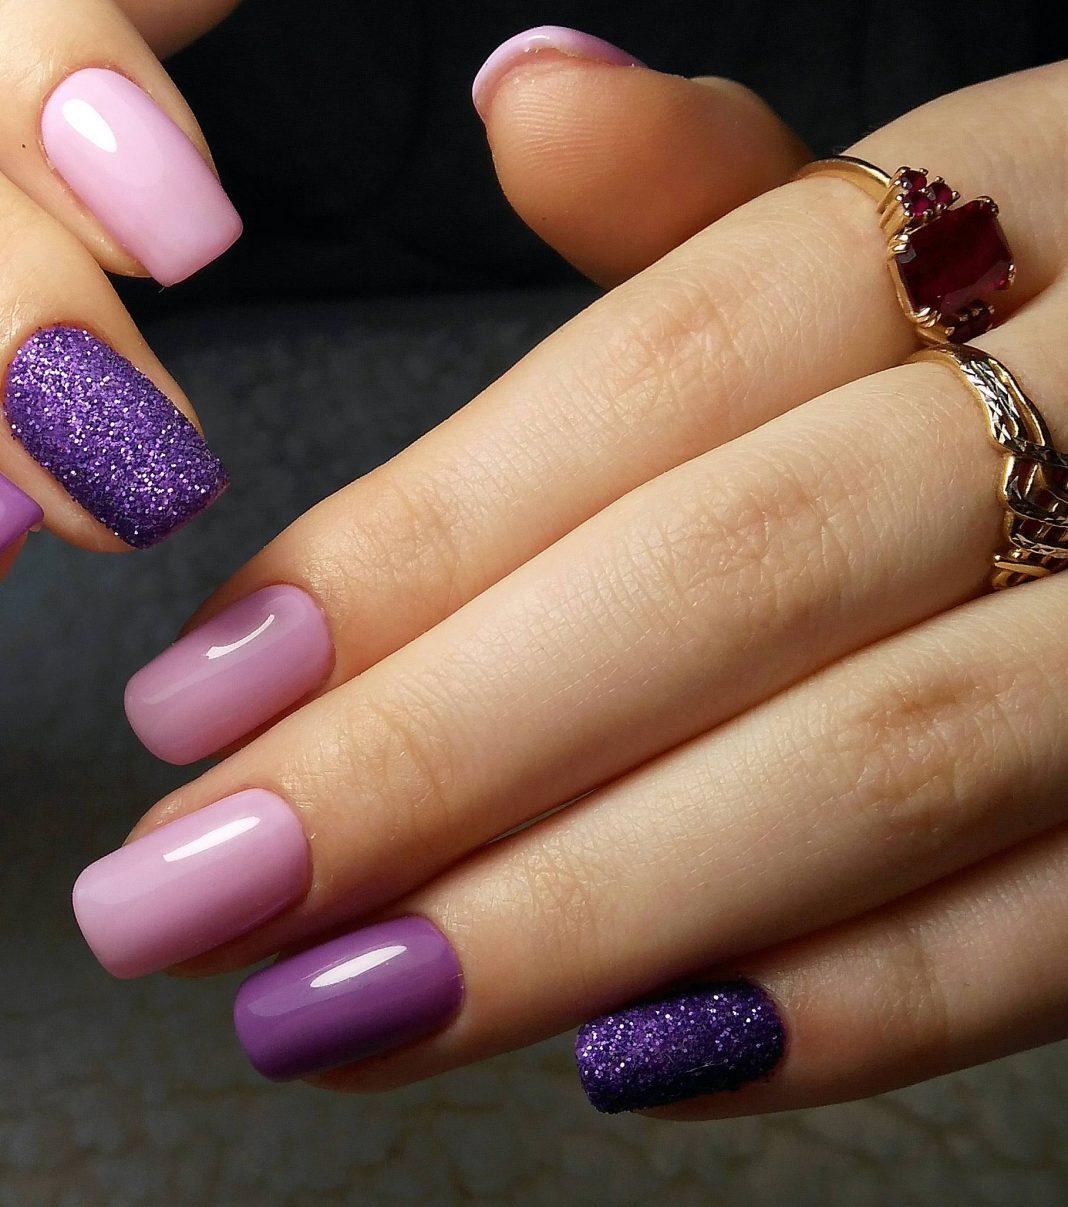 Сочетание гель лаков на ногтях фото